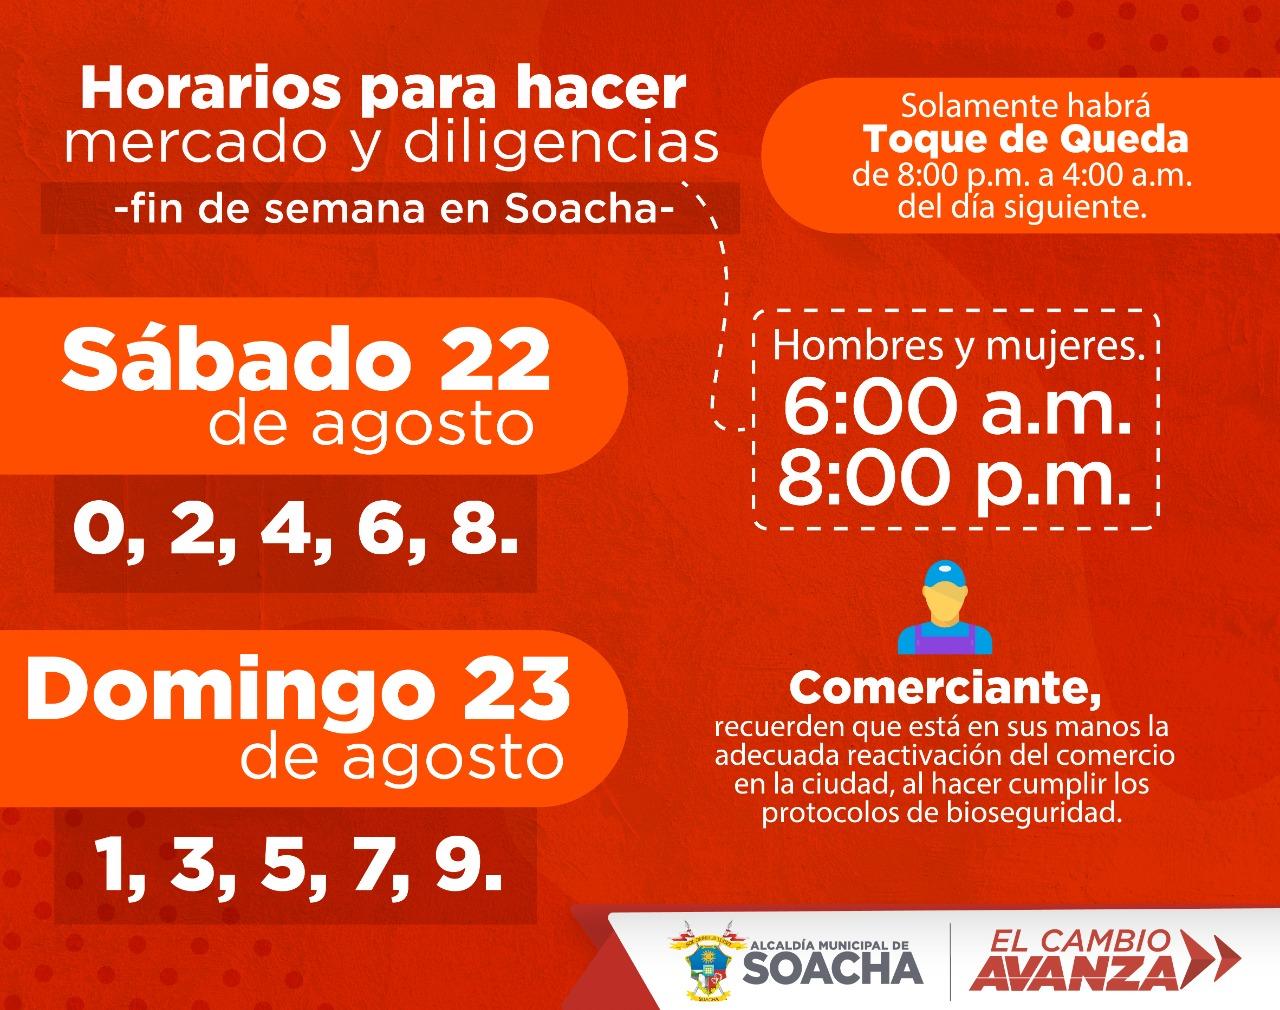 Toque de queda en Soacha para este fin de semana